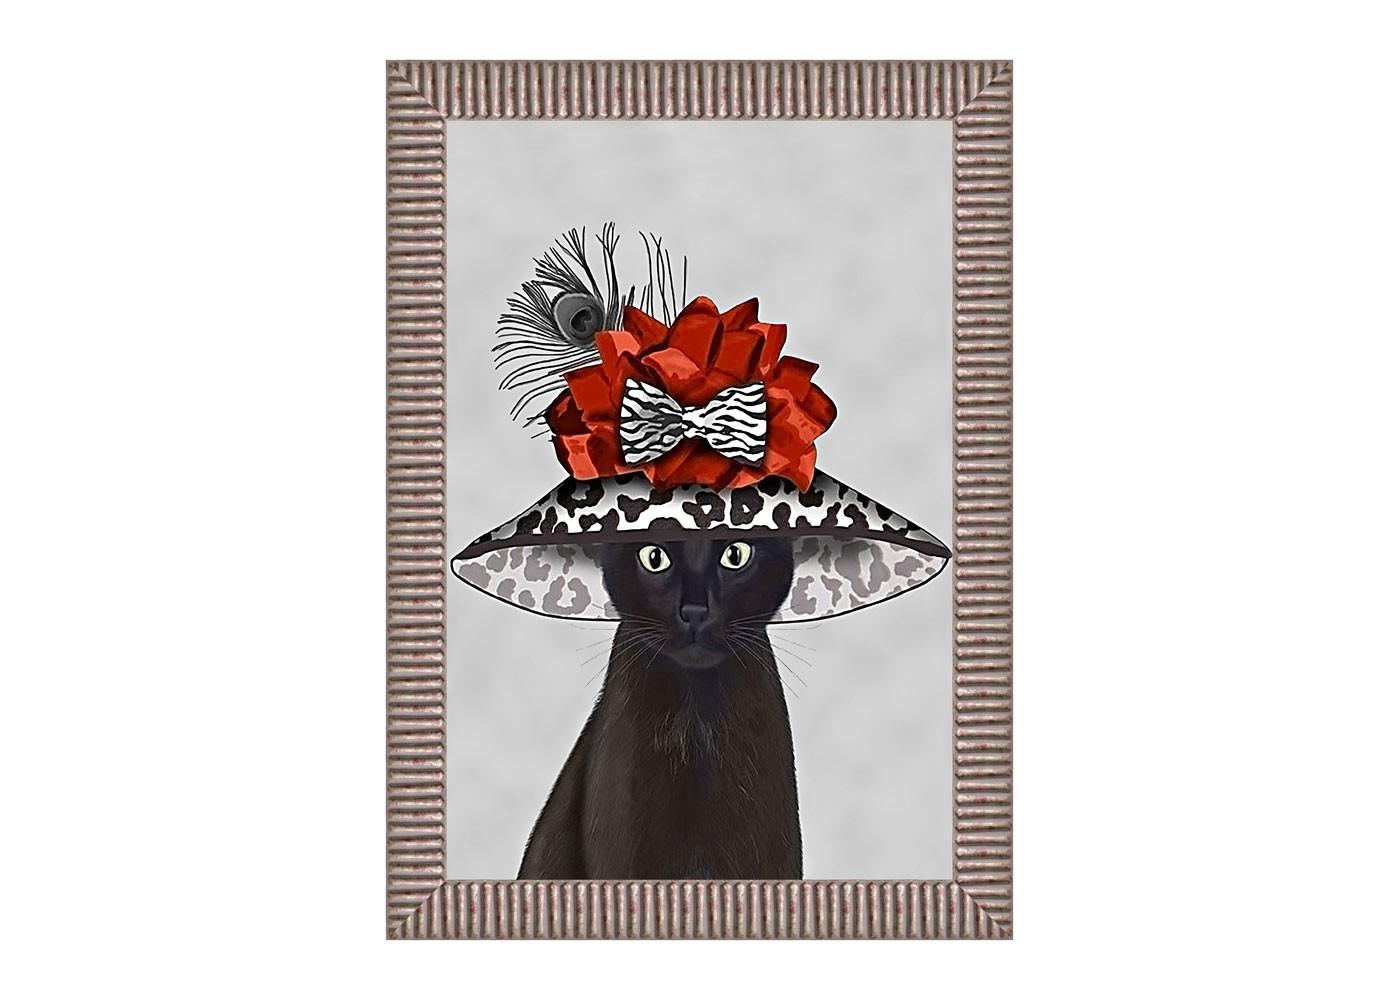 Арт-постер Мисс ФэшнПостеры<br>Дымчатое обрамление эффектно подчеркивает яркость забавной анималистической репродукции, в совершенстве владеющей зарядом интерьерного настроения. Картина &amp;quot;Мисс Фэшн&amp;quot; - желанное интерьерное украшение гостиной и детской комнат, столовой, спальни, кабинета, холла и прихожей, способное задать пространству яркий фешенебельный стиль.Картины - простой, но надежный инструмент интерьерного настроения. По законам контраста, на фоне строгой урбанистичной рамы особую выразительность обретет яркая живопись, разыгрывающая забавные анималистичные приключения. &amp;lt;div&amp;gt;&amp;lt;br&amp;gt;&amp;lt;/div&amp;gt;&amp;lt;div&amp;gt;Материал&amp;lt;span class=&amp;quot;Apple-tab-span&amp;quot; style=&amp;quot;white-space:pre&amp;quot;&amp;gt;&amp;lt;/span&amp;gt;рама из багета цвета стареного серебра, ручное патинирование багета, дизайнерская бумага, защитный пластик&amp;lt;br&amp;gt;&amp;lt;/div&amp;gt;<br><br>Material: Бумага<br>Width см: 50<br>Depth см: 4<br>Height см: 70